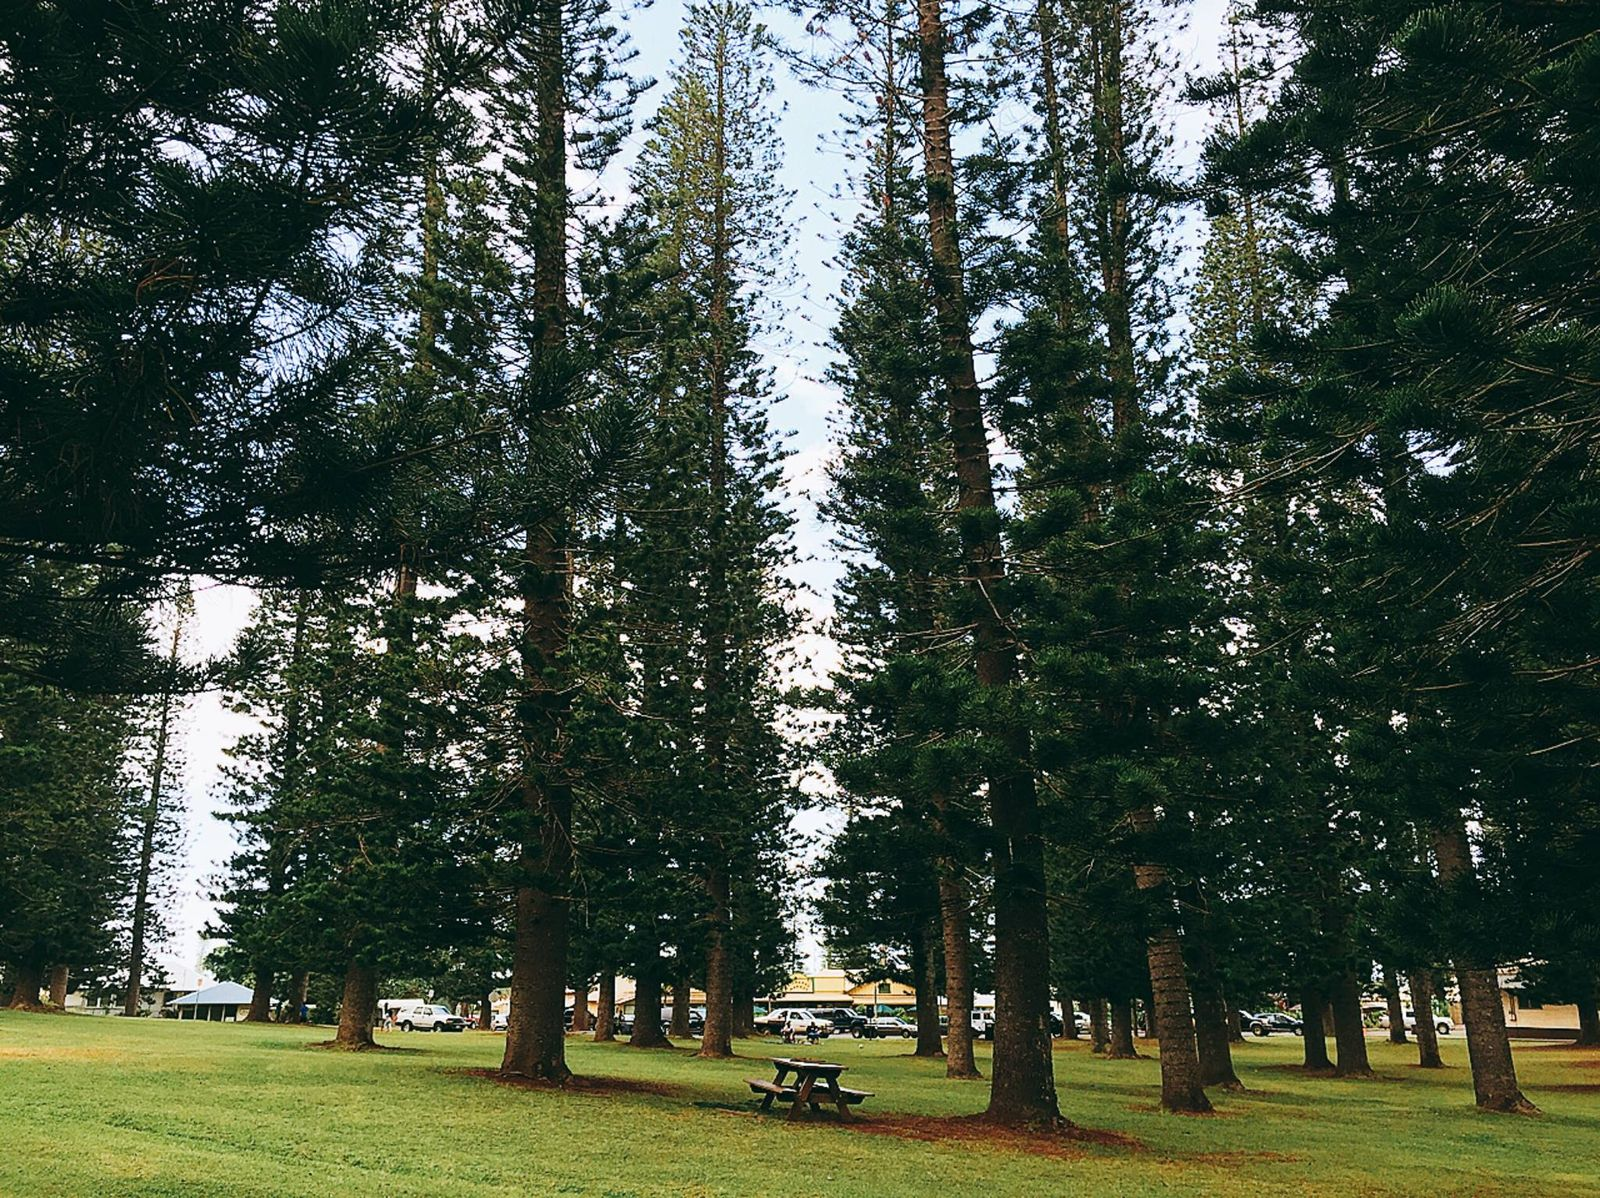 ラリー・エリソンのリーダーシップもあり、続々と旅先としての魅力を高めつつあるラナイ島。さらに2016年末には、ラナイシティに程近い高原側のもう一つのリゾート「フォーシーズンズ リゾート ラナイ ザ ロッジ アット コエレ」も、リニューアルオープンを予定しています。こちらの高原側は年間の平均気温が21度と、とても涼しく、滞在の半分は高原、残りの半分は海側などと両方、楽しむのもオススメです。